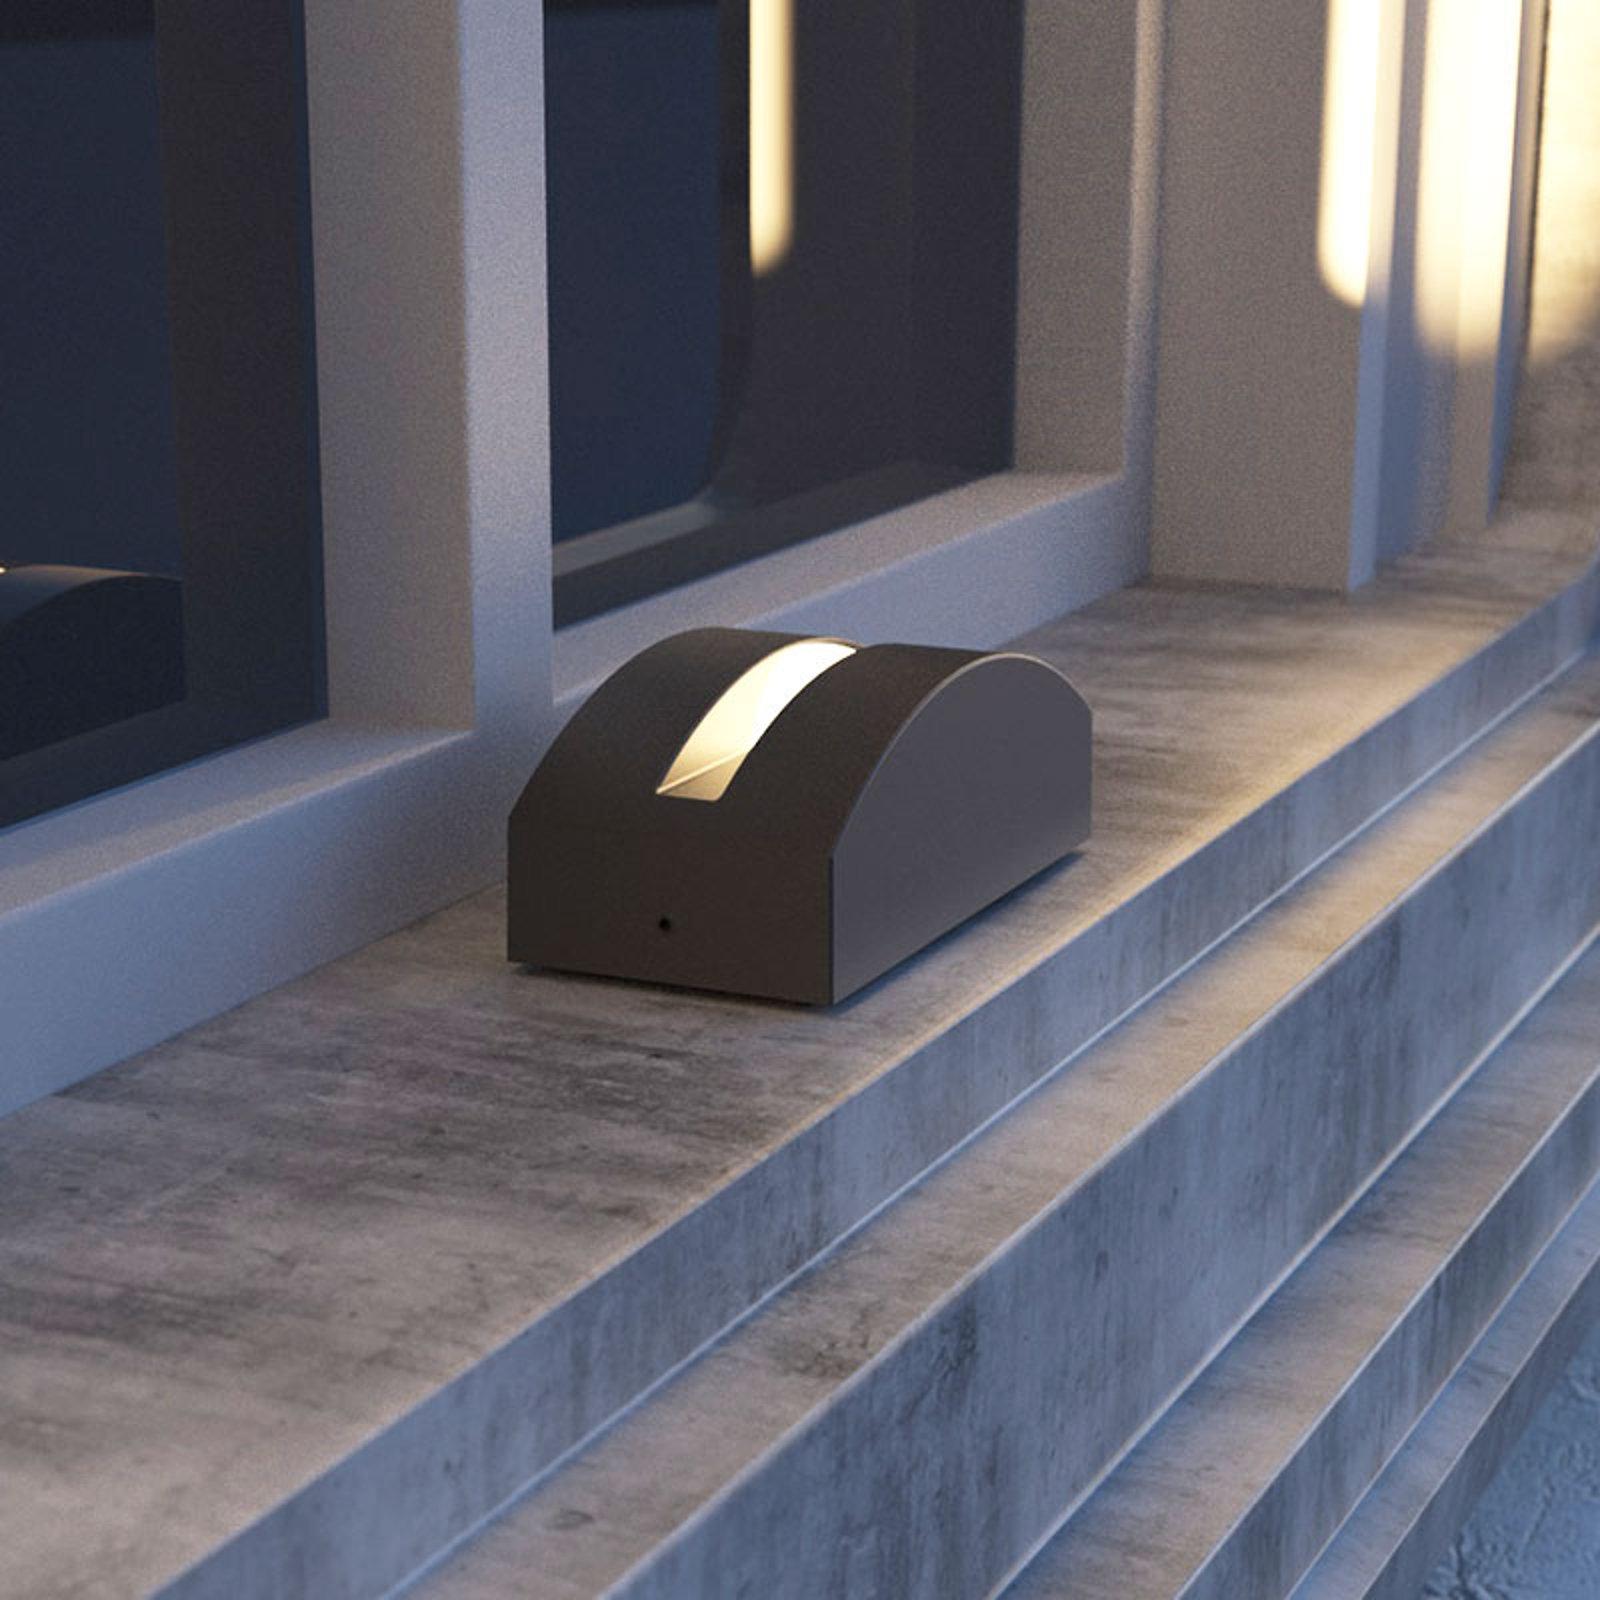 LED-utelampe Marka, mørkegrå aluminium